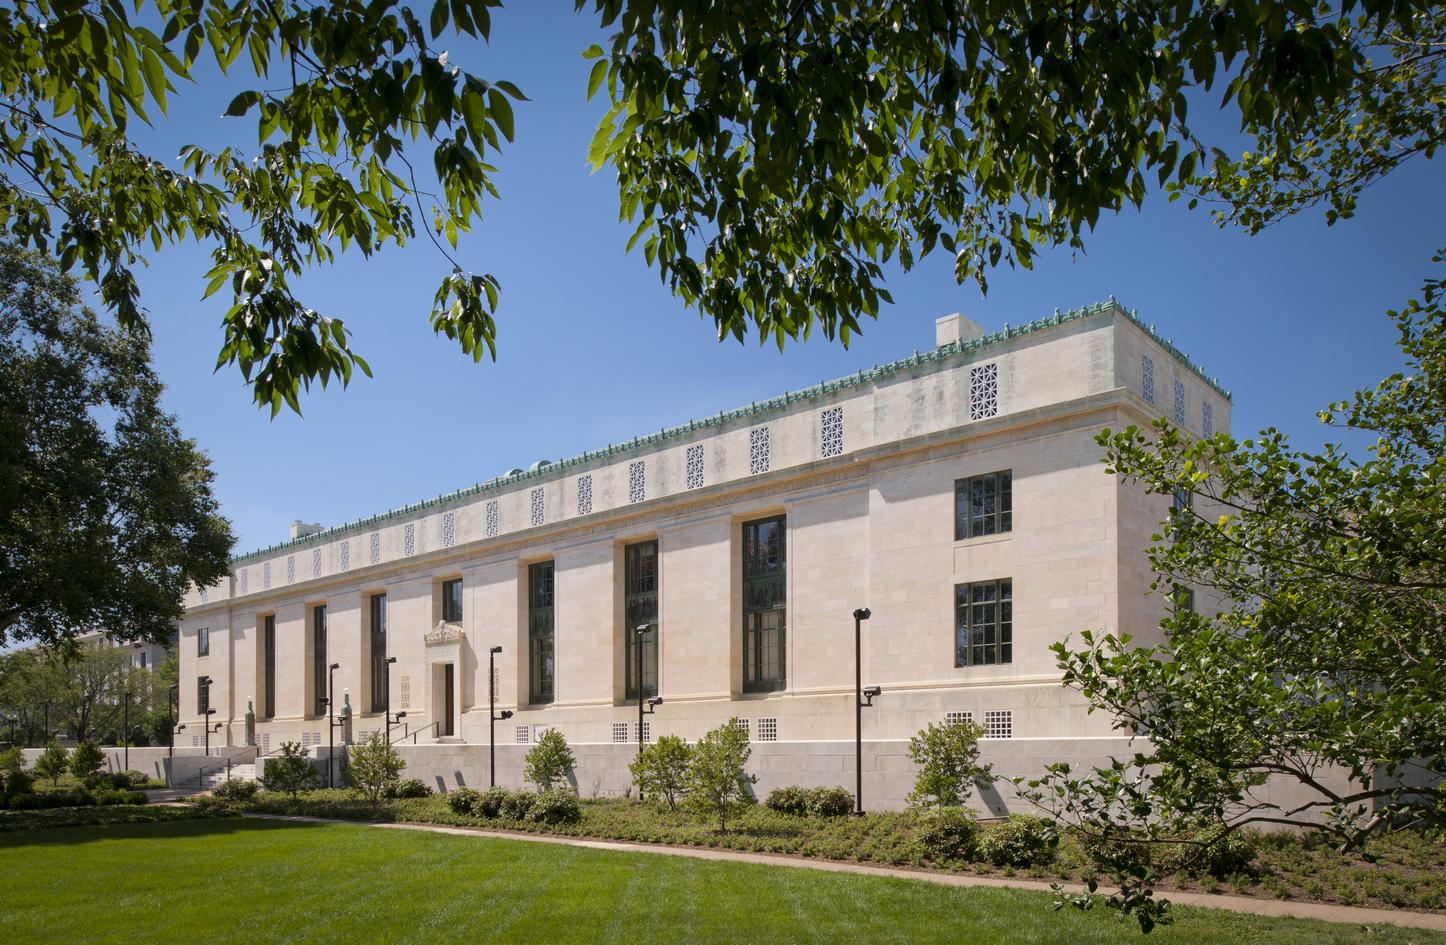 Историческое здание Национальной академии наук США в Вашингтоне. Фото Maxwell MacKenzie